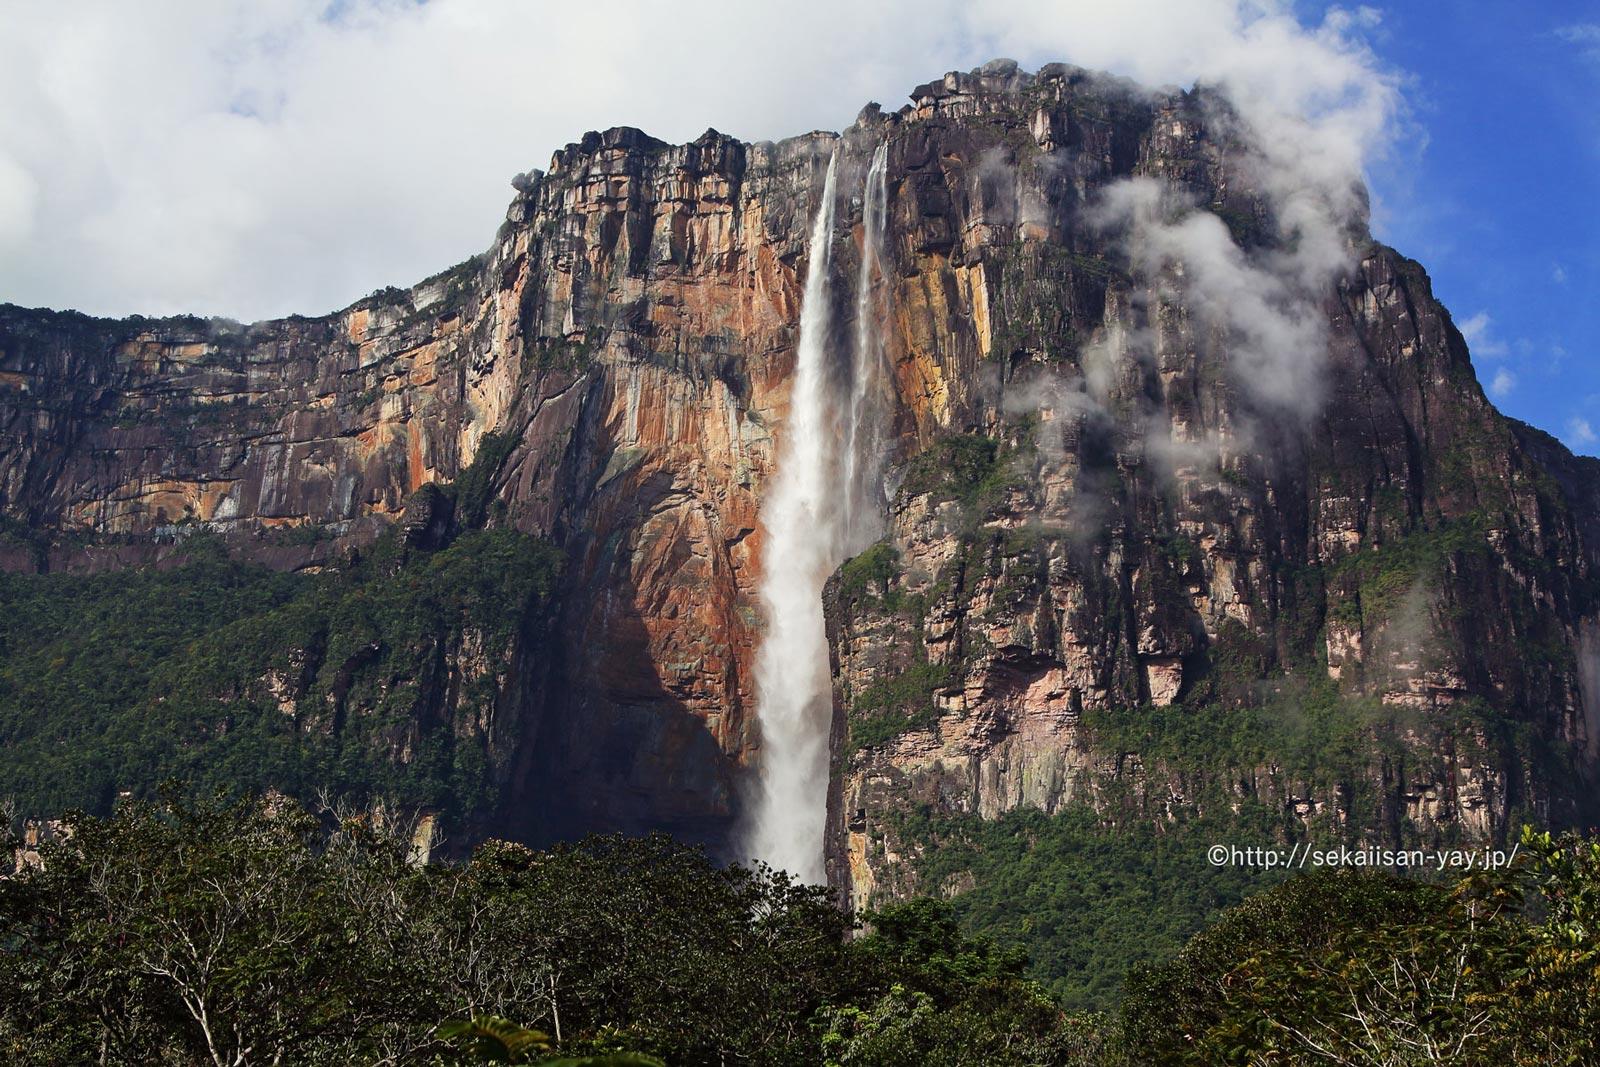 ベネズエラ「カナイマ国立公園」- エンジェルフォール